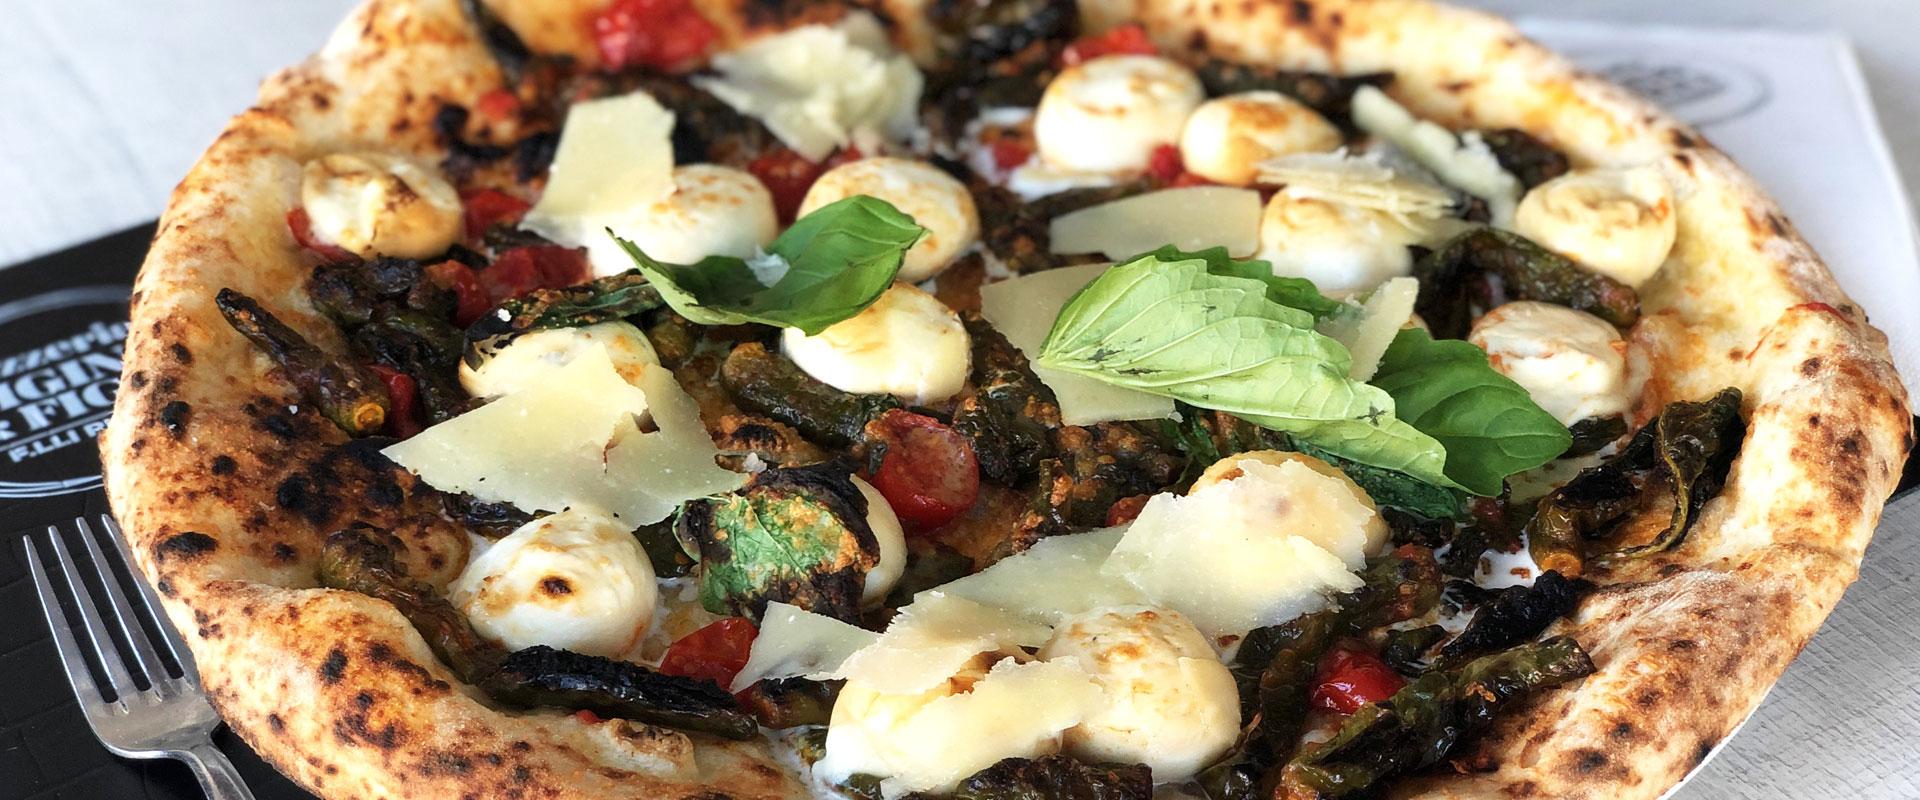 Primizia, la pizza con peperoncini verdi di pizzeria Gigino e figli